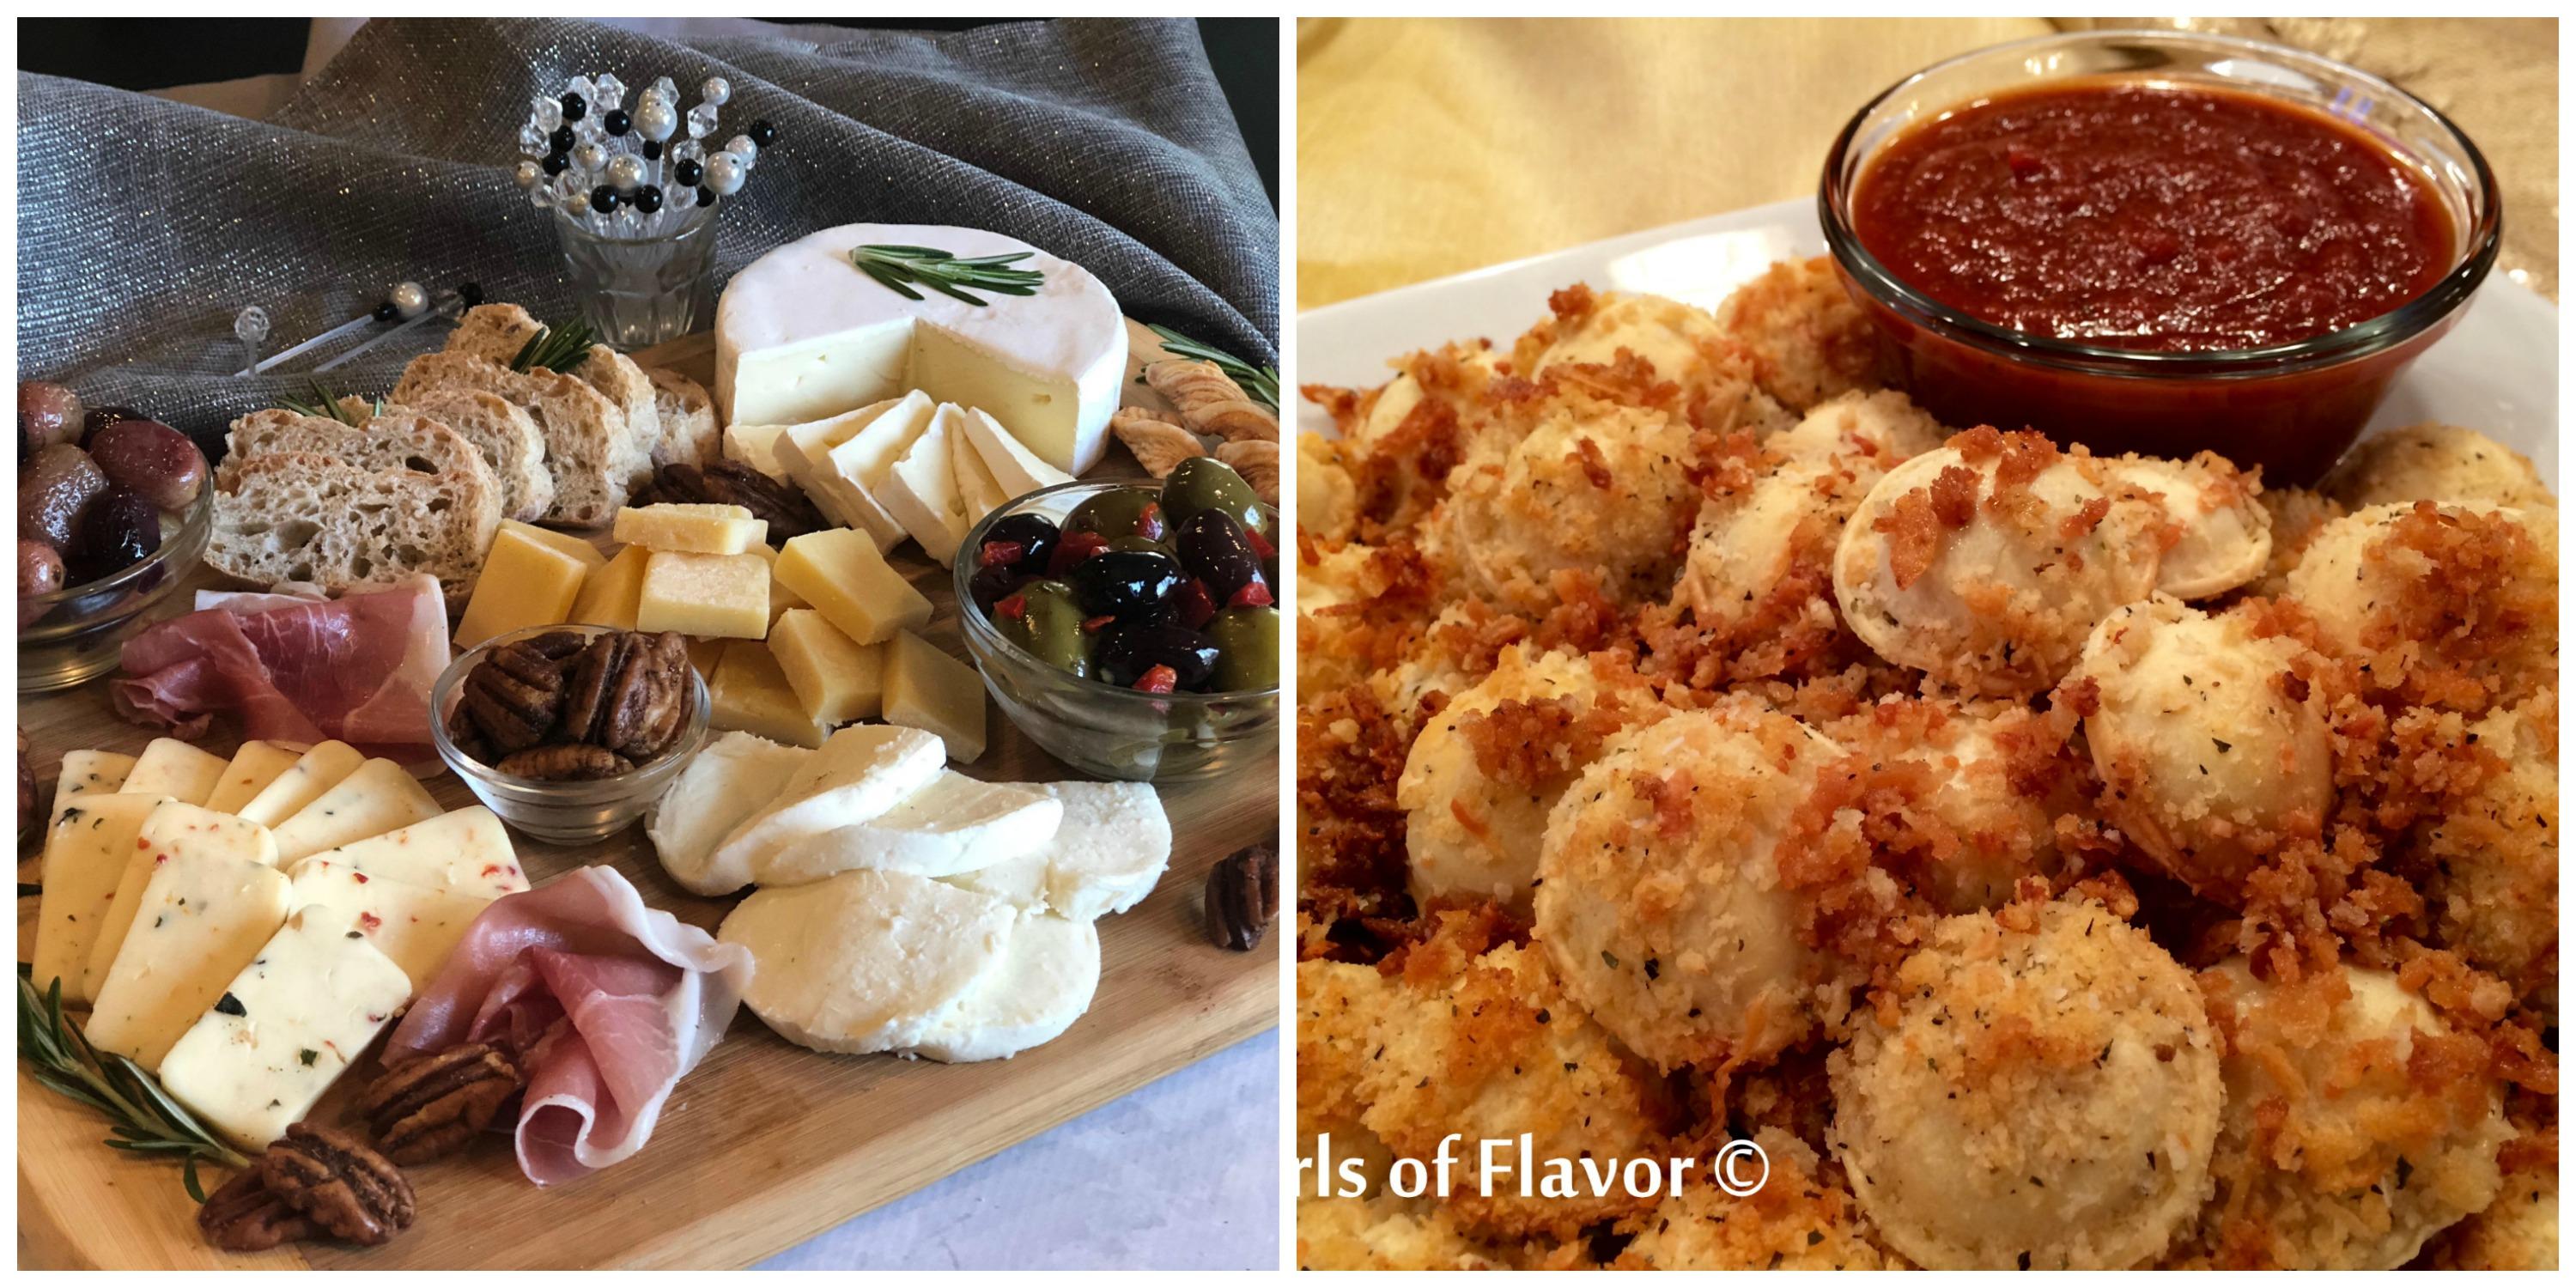 Holiday Cheese Board and Baked Ravioli